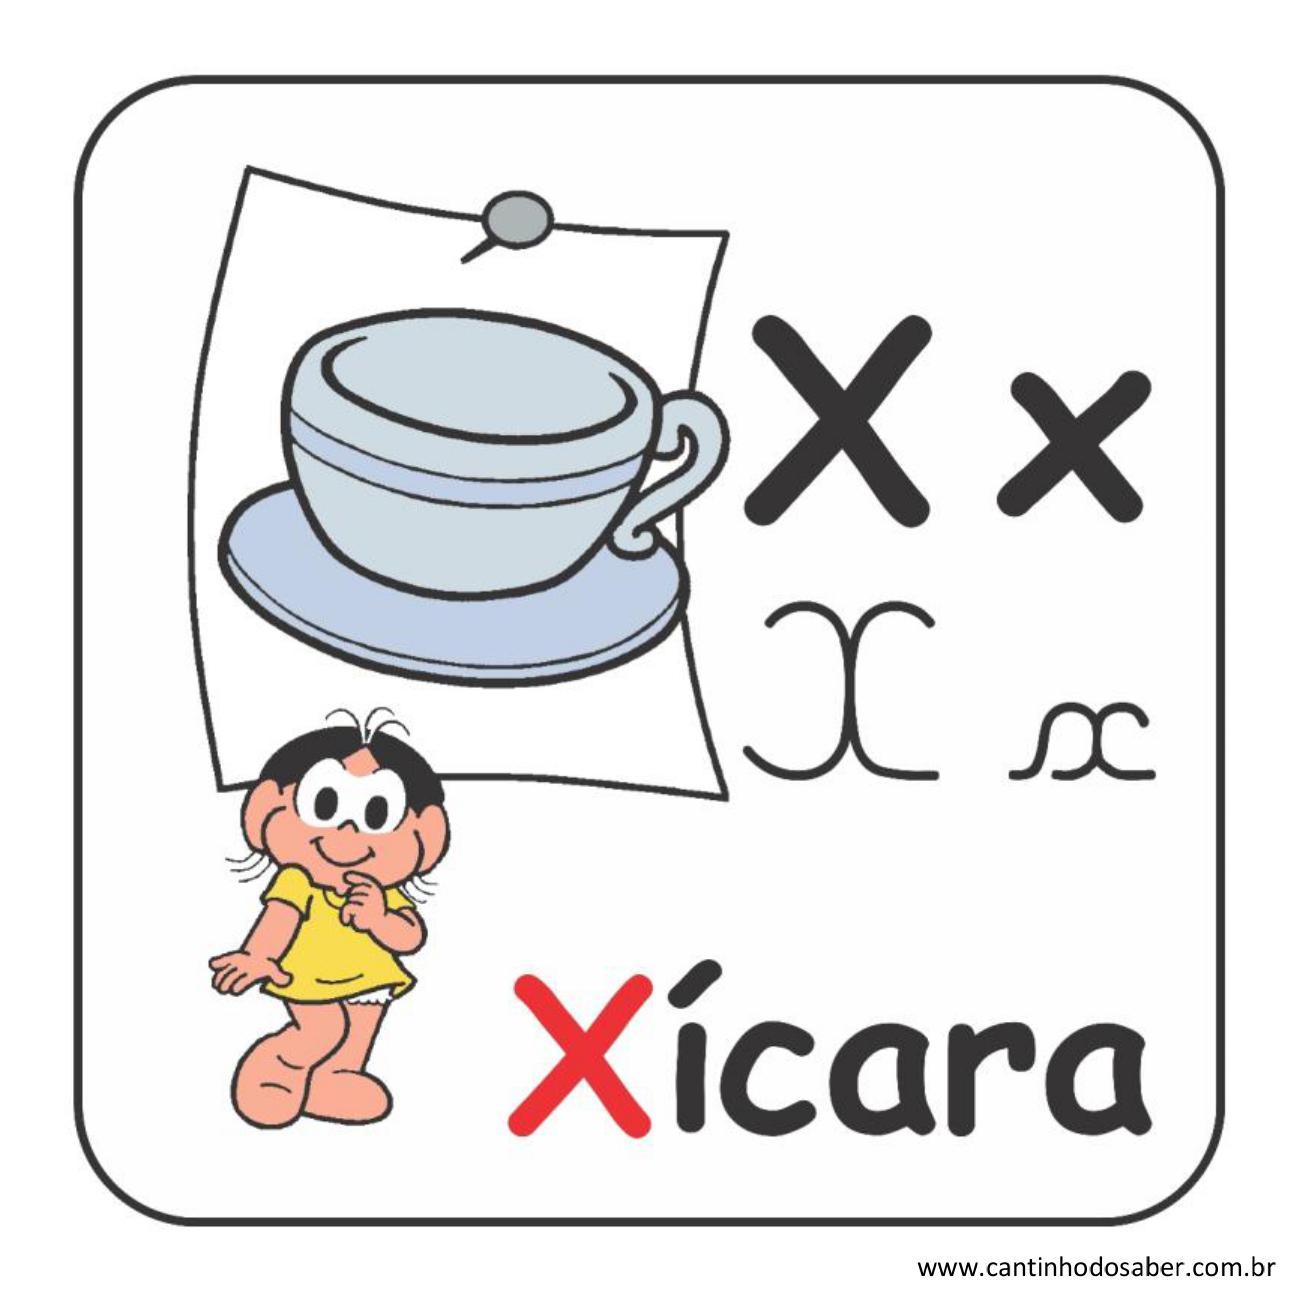 Alfabeto da turma da mônica em letra bastão e cursiva letra x